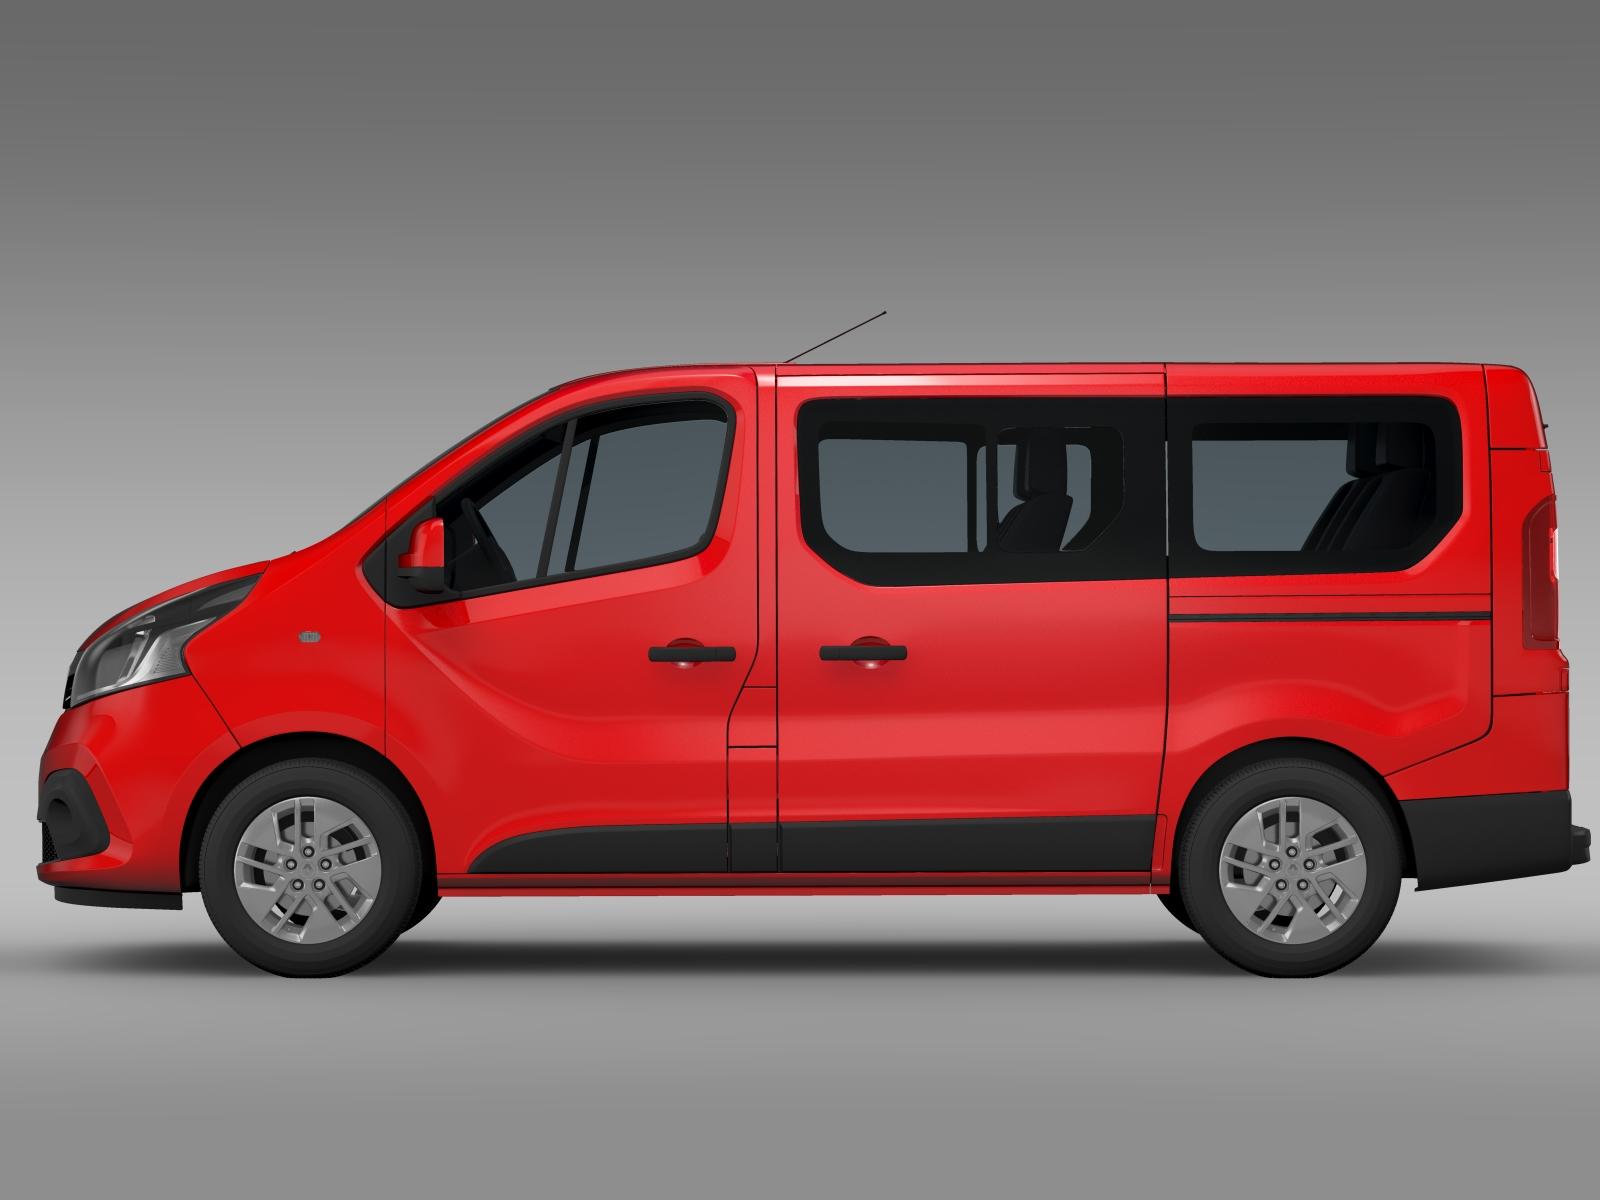 renault trafic minibus 2015 3d model. Black Bedroom Furniture Sets. Home Design Ideas